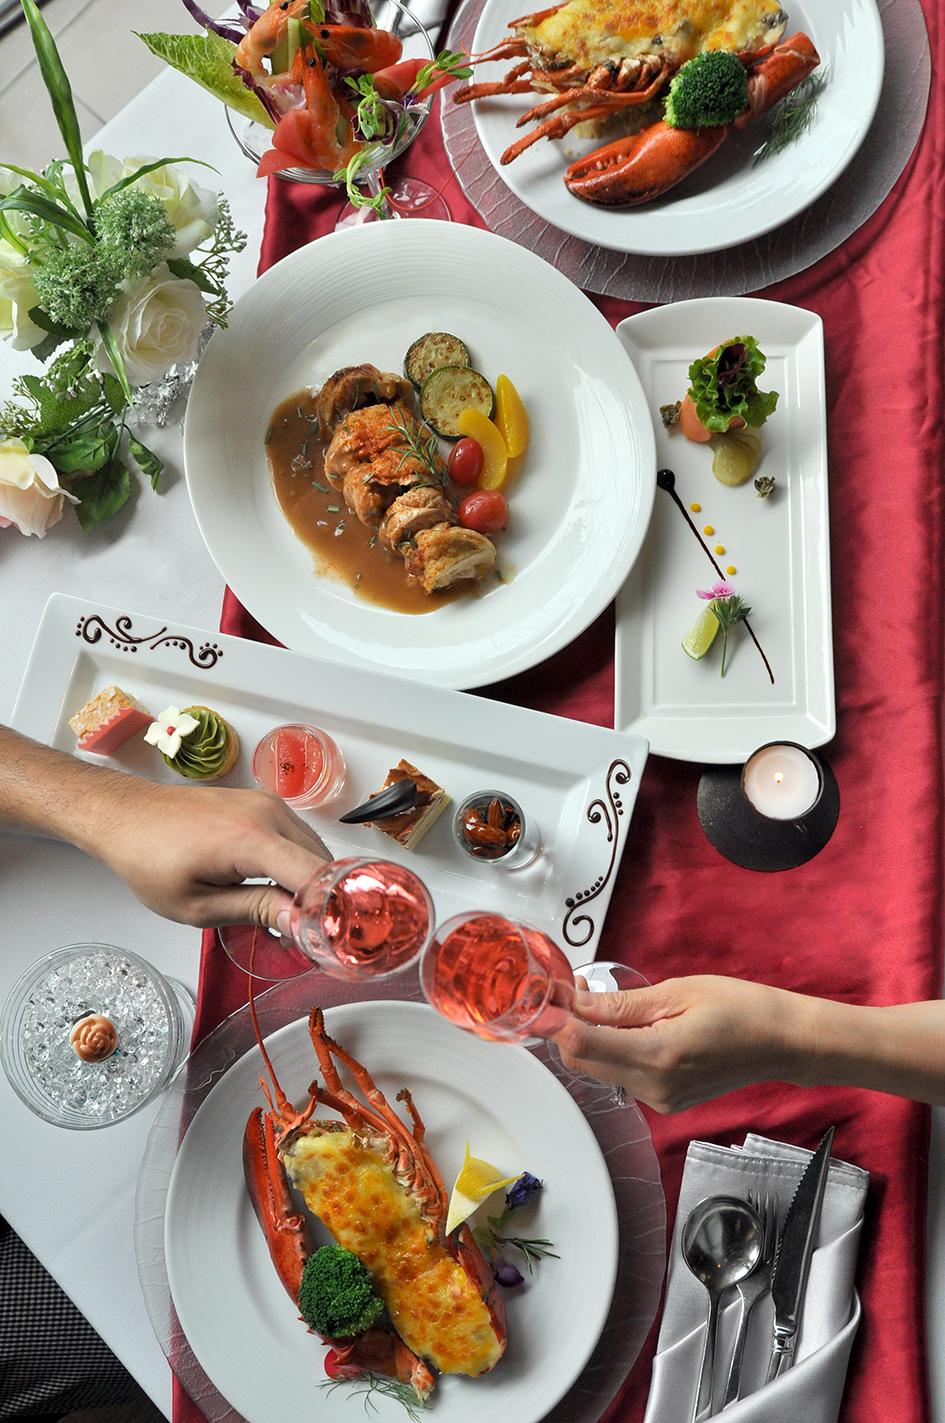 雨林餐廳晚間推出『愛在七夕˙龍蝦傳情意』與您共度浪漫情人節